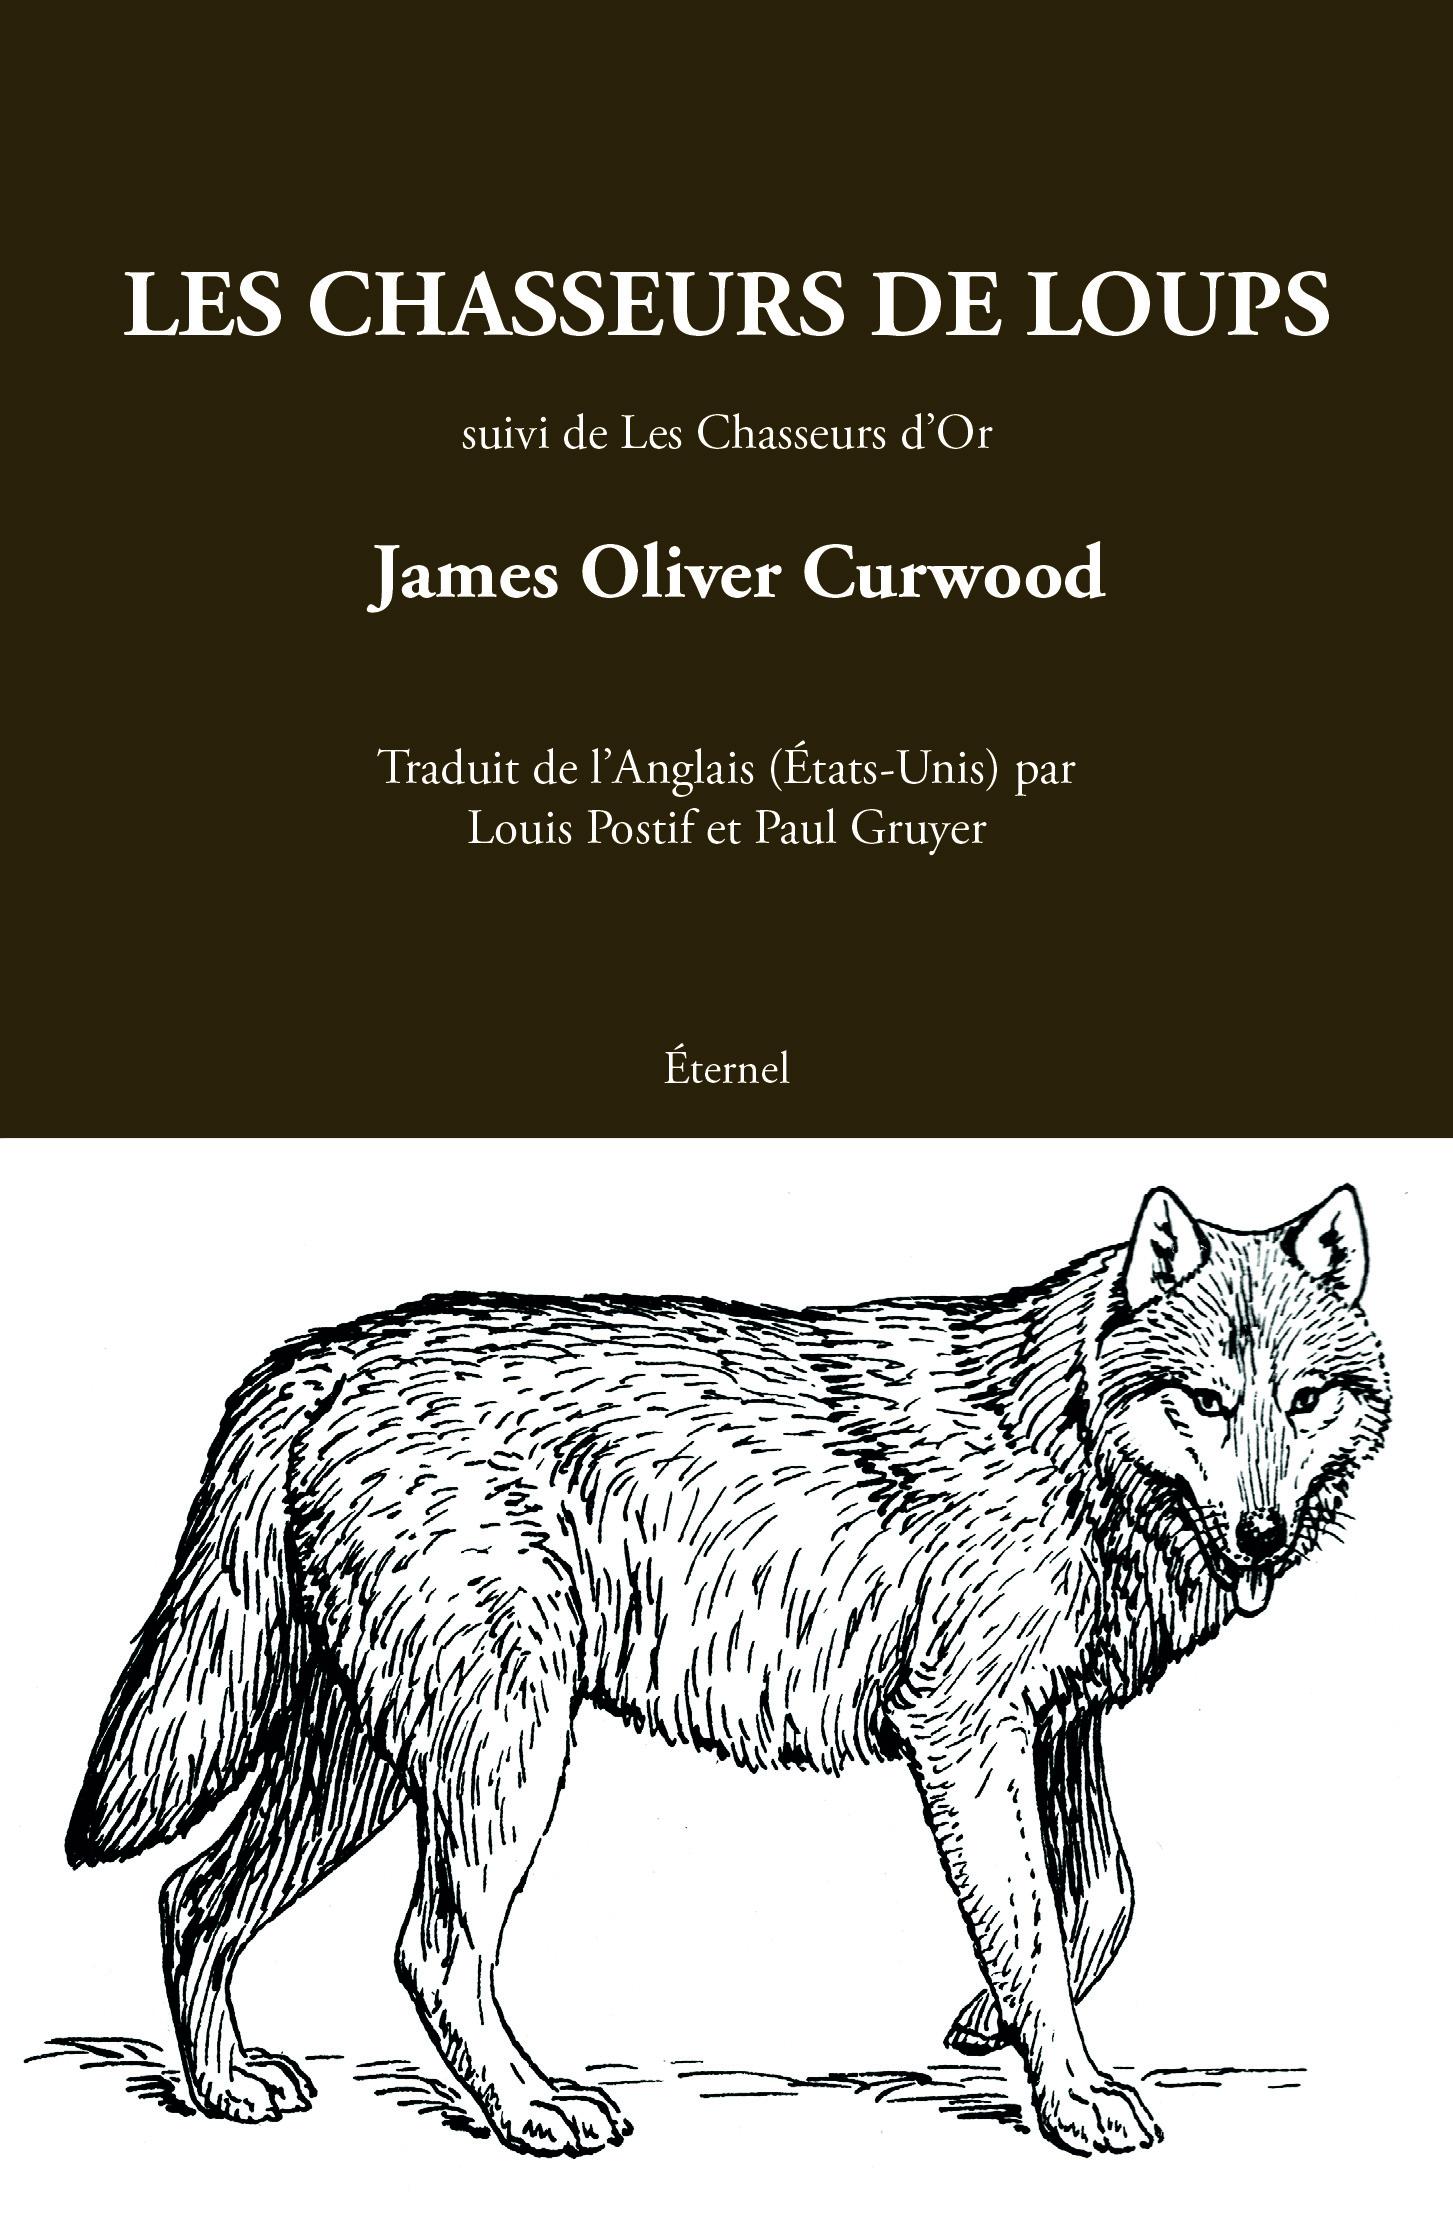 Les chasseurs de loups - James Oliver Curwood - Éditions Éternel